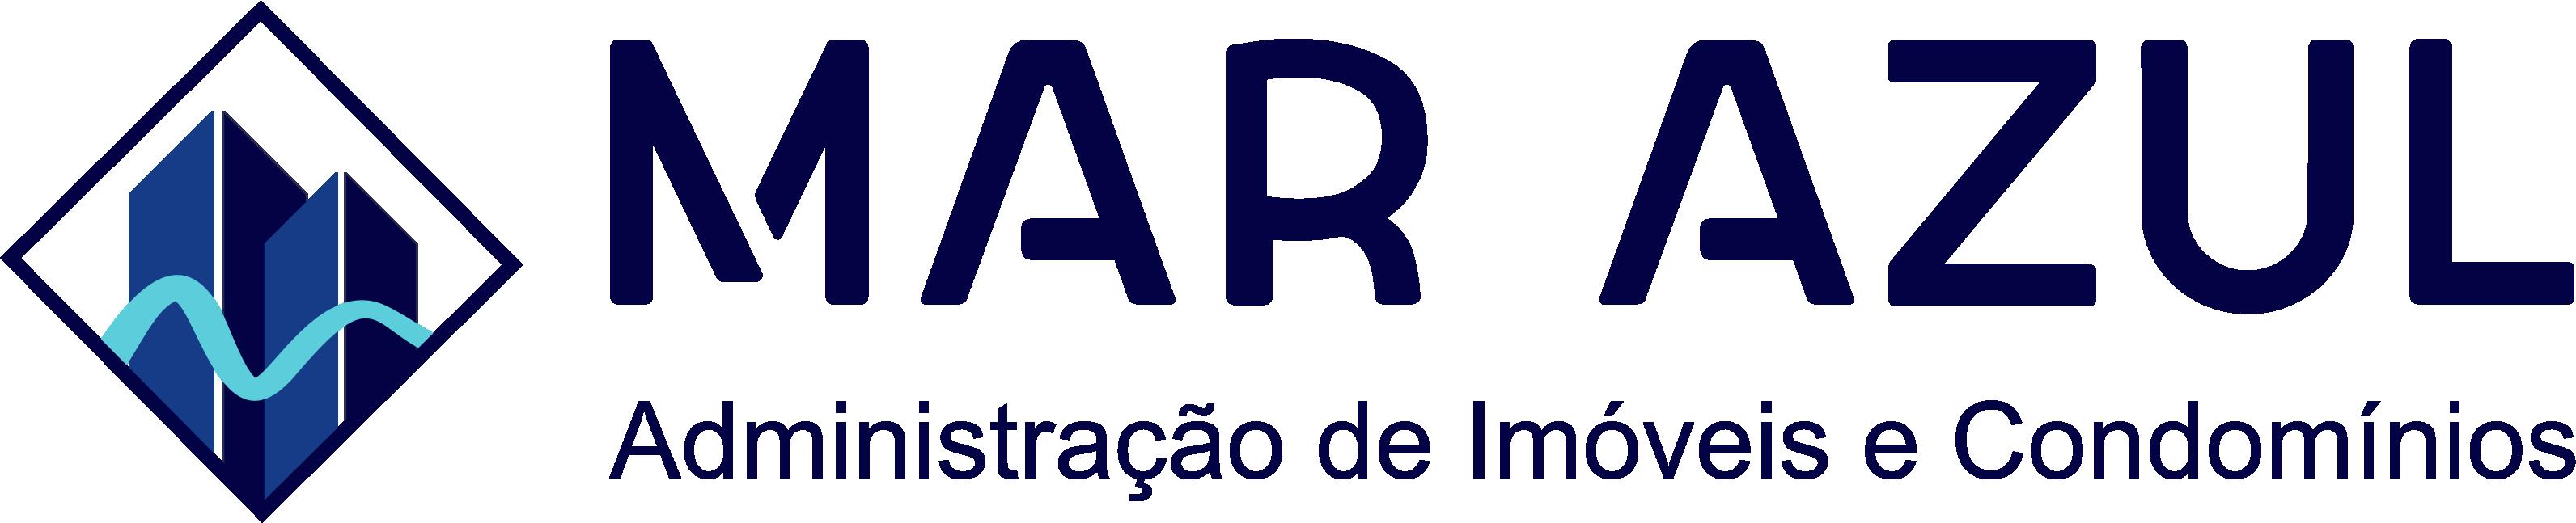 Mar Azul imobiliária